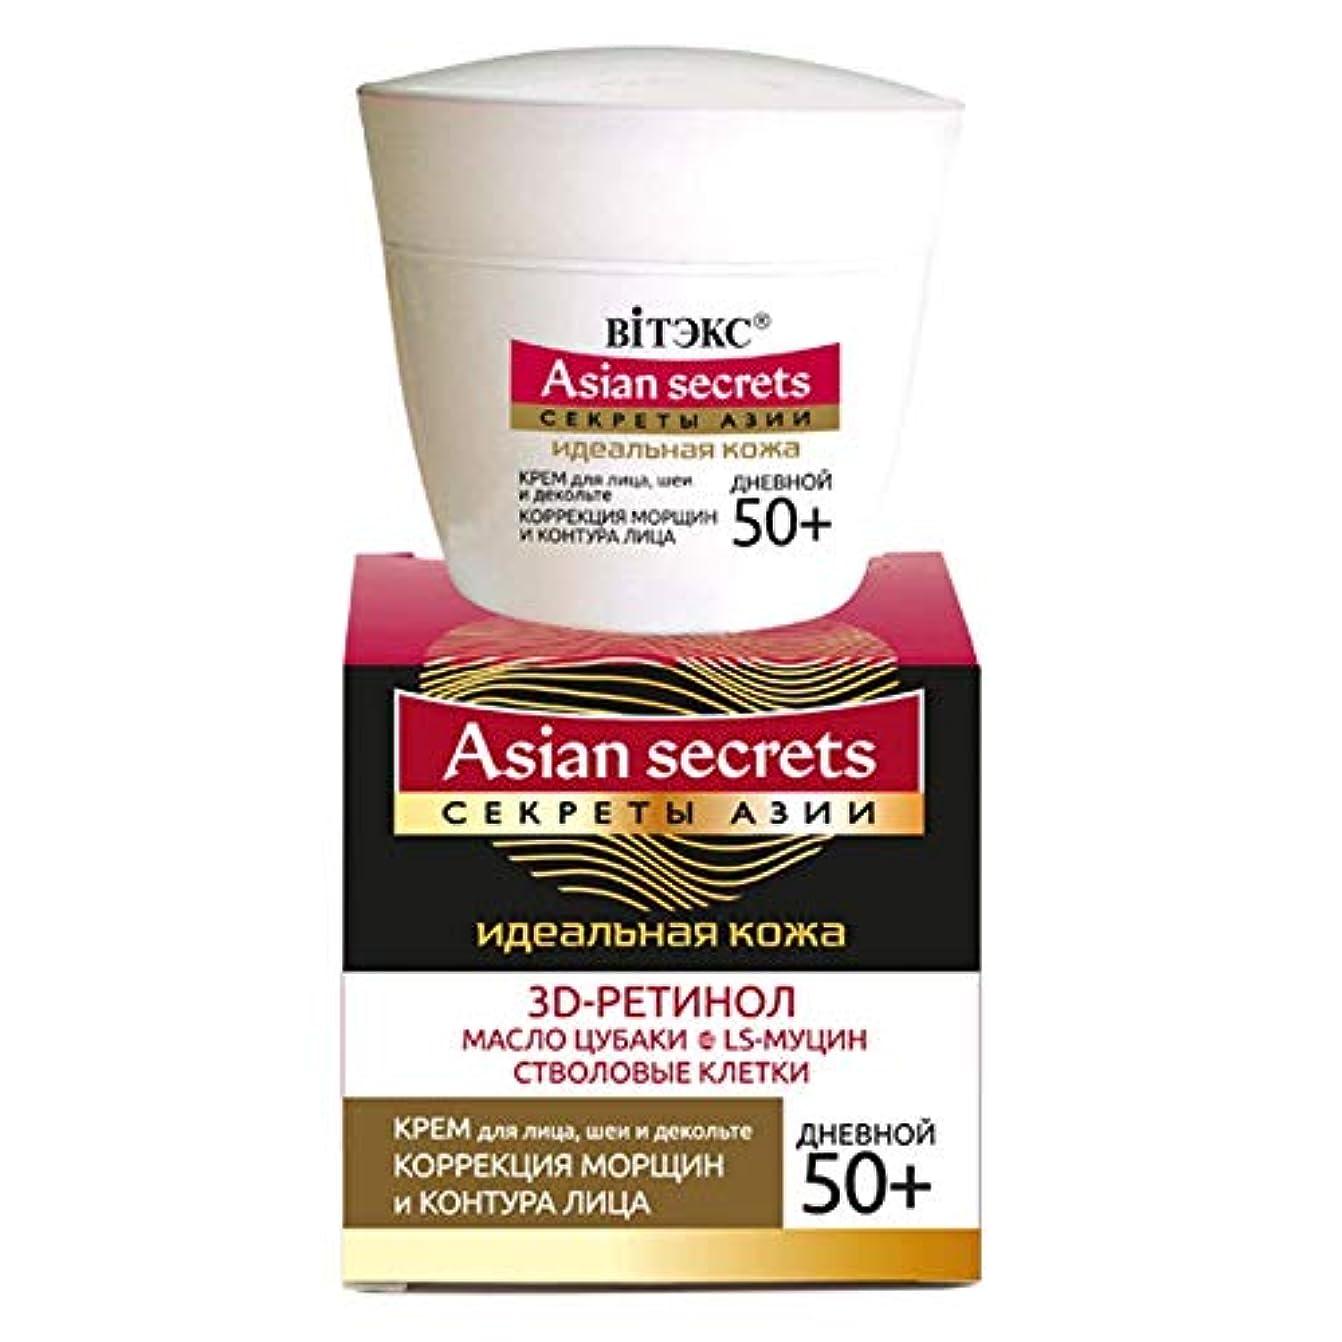 昆虫を見る休眠一方、Bielita & Vitex | Asian seсrets | Day cream for face, neck and neckline | Wrinkle and facial contour correction...